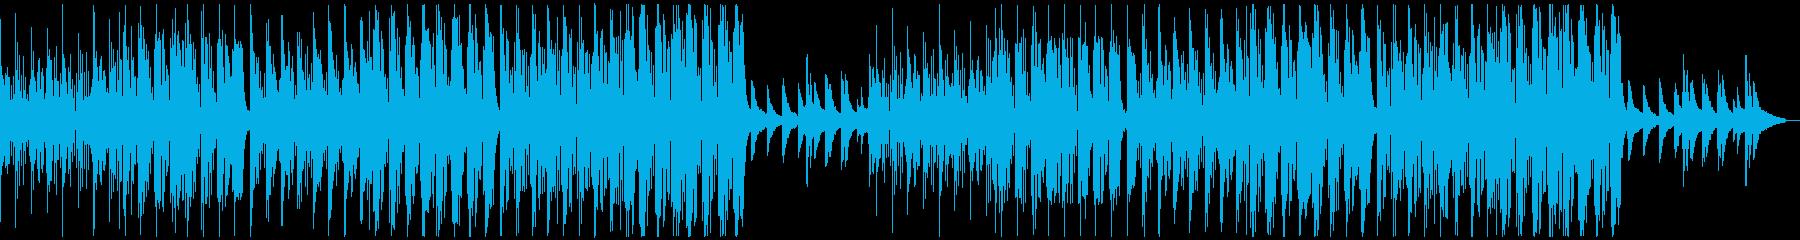 【チル】ゆったりとしたBGM・9の再生済みの波形